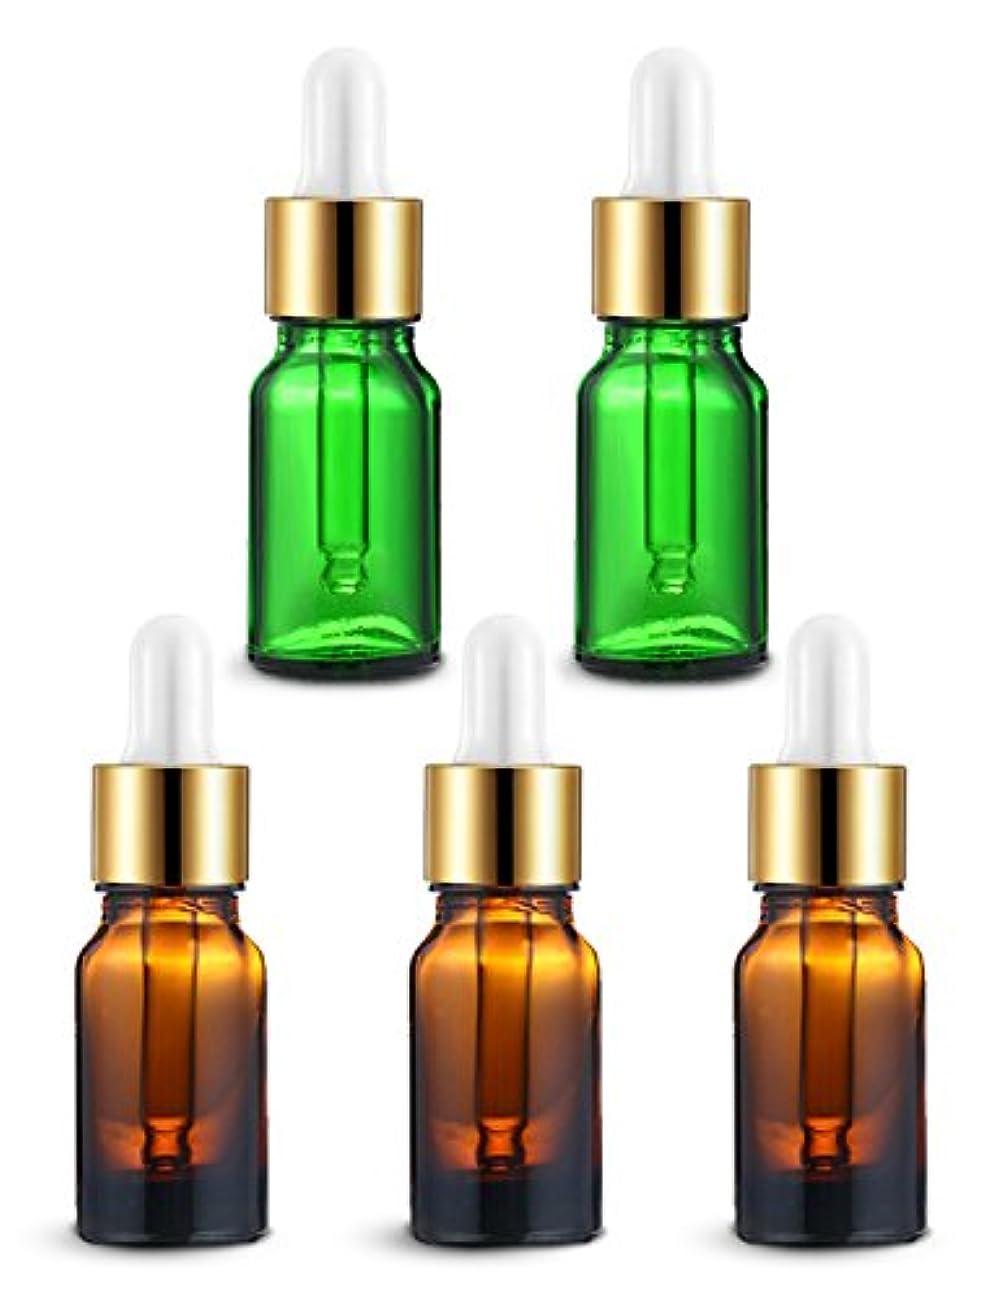 負ダブル巻き取りENERG アロマディフューザー(全機種適応) ネブライザー式 スポイト付き精油瓶 緑2個?ブラウン3個 アロマ瓶 10ml 5個セット